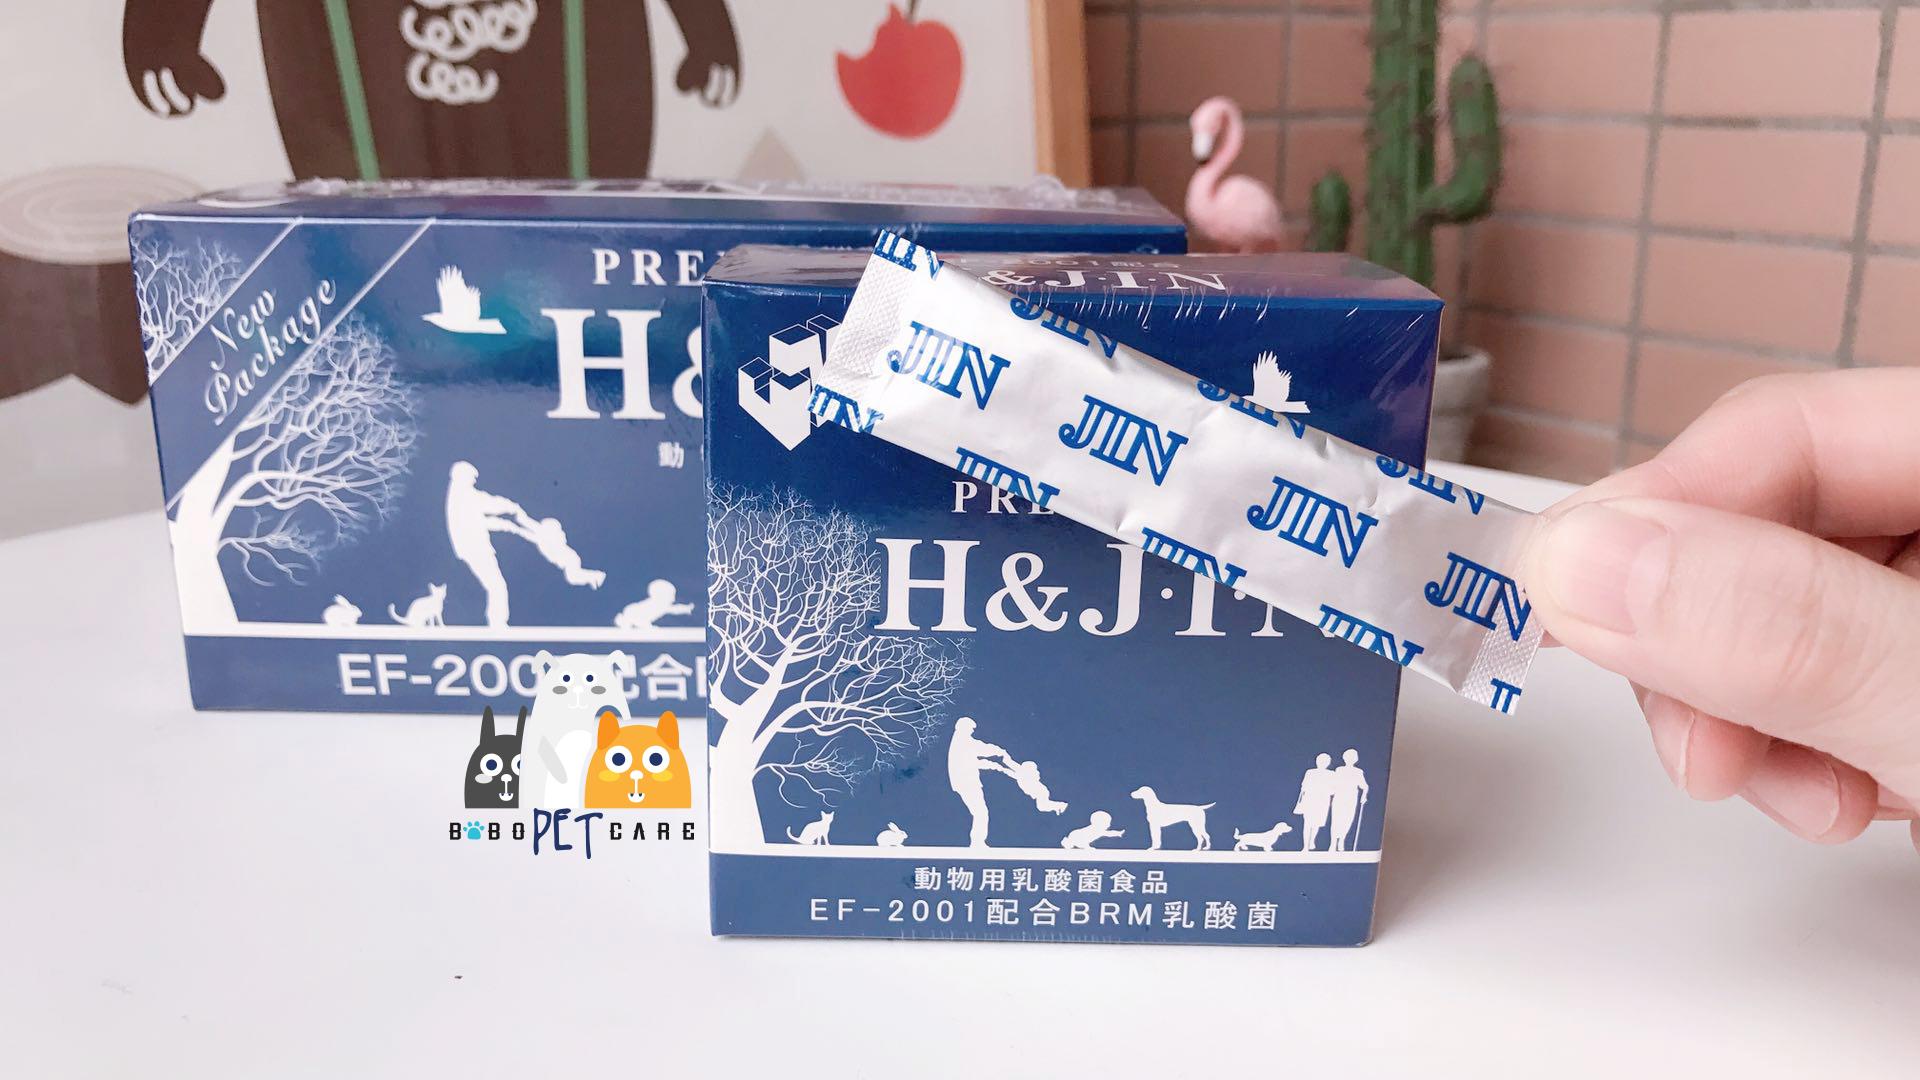 日本进口JIN ef-2001宠物猫狗乳酸菌益生菌调理胃肠道拉稀呕吐1支